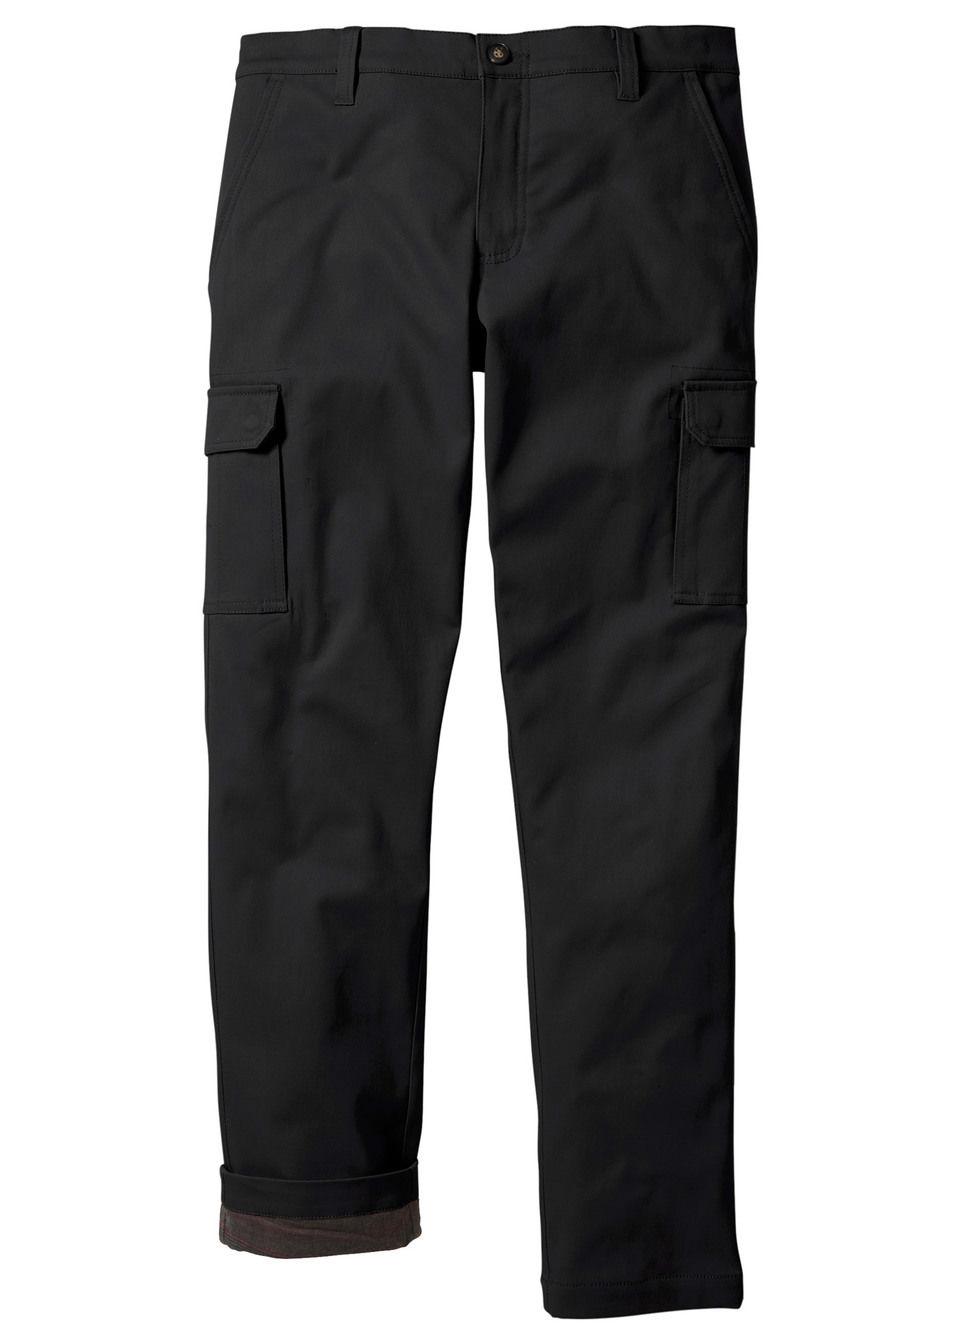 Pantaloni termo bonprix